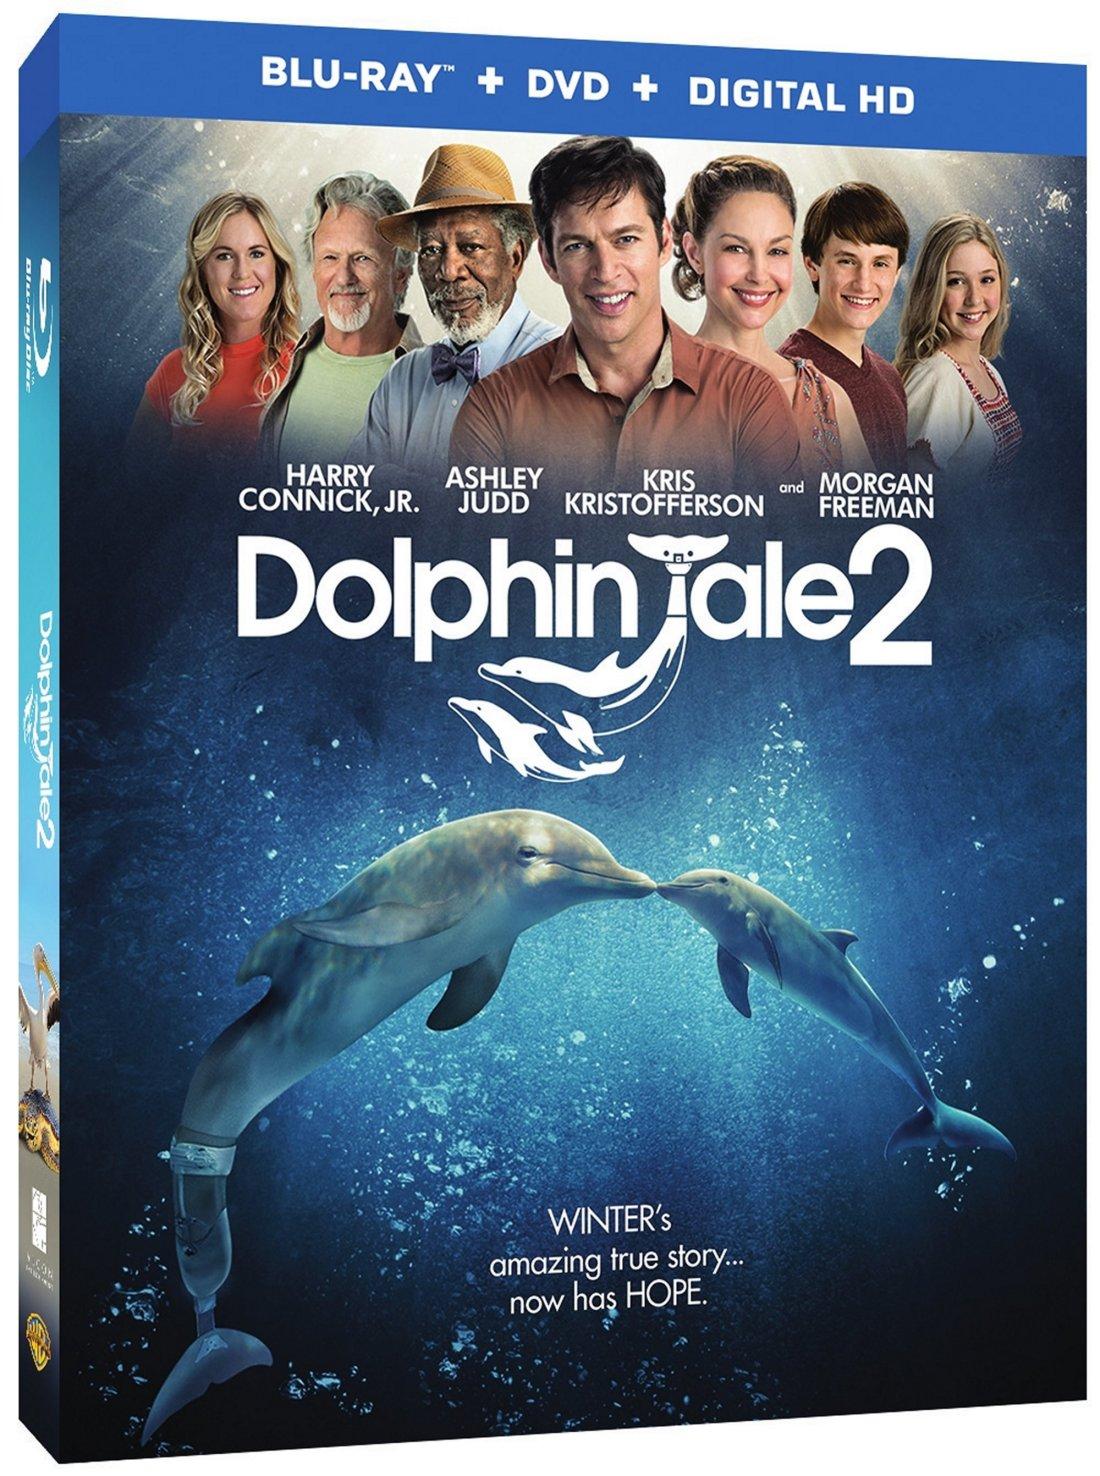 Dolphin Tale 2 Box Art_2D